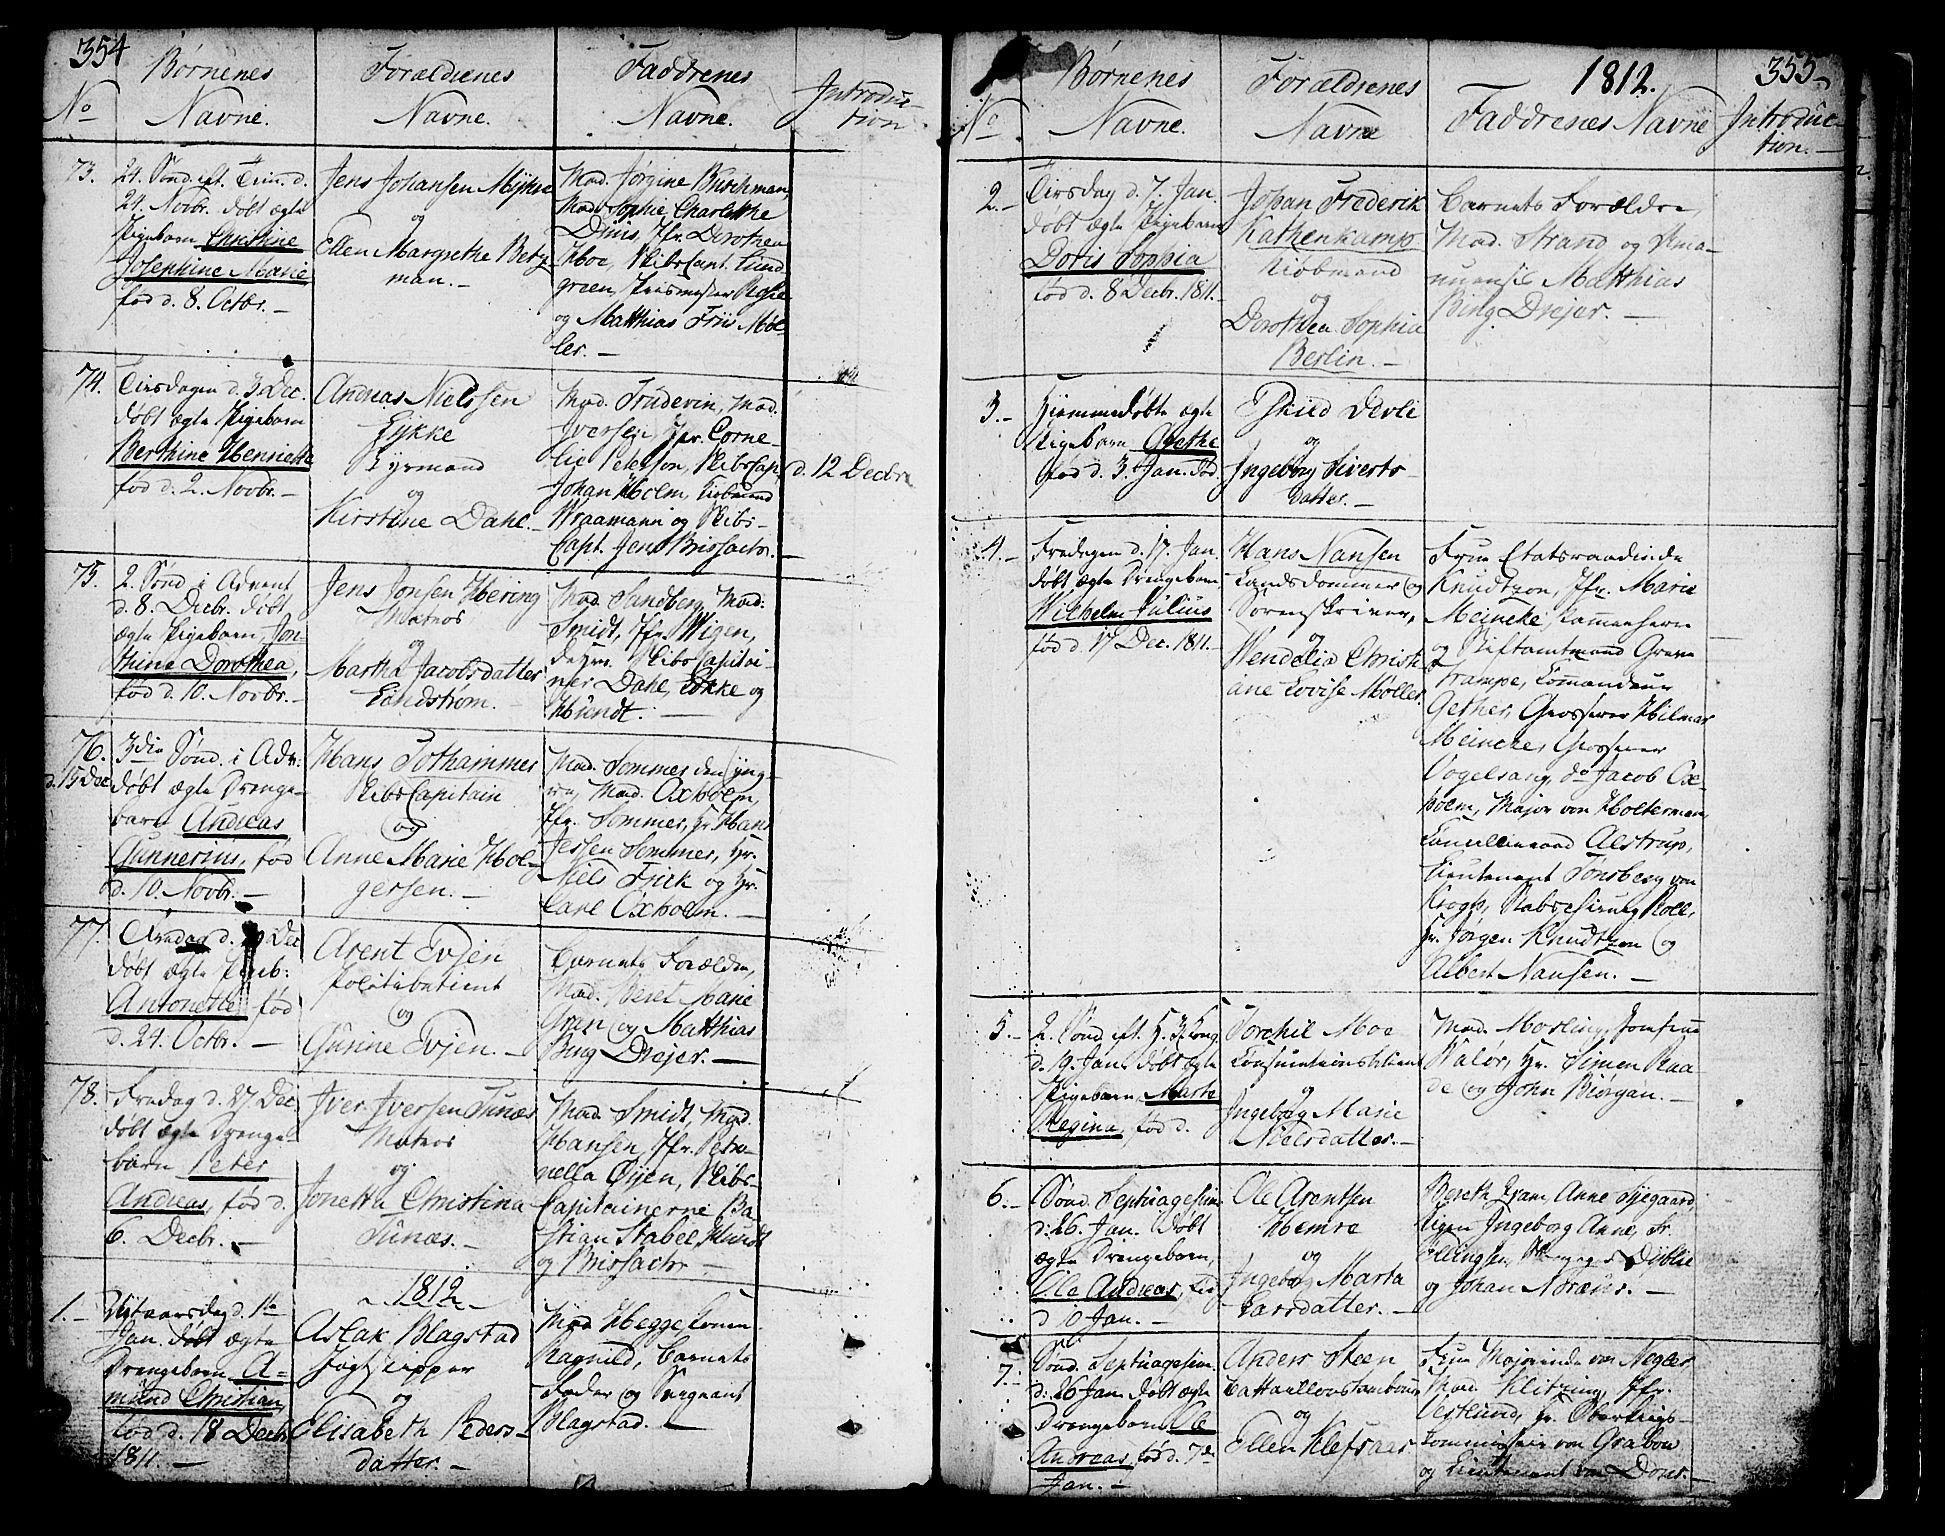 SAT, Ministerialprotokoller, klokkerbøker og fødselsregistre - Sør-Trøndelag, 602/L0104: Ministerialbok nr. 602A02, 1774-1814, s. 354-355